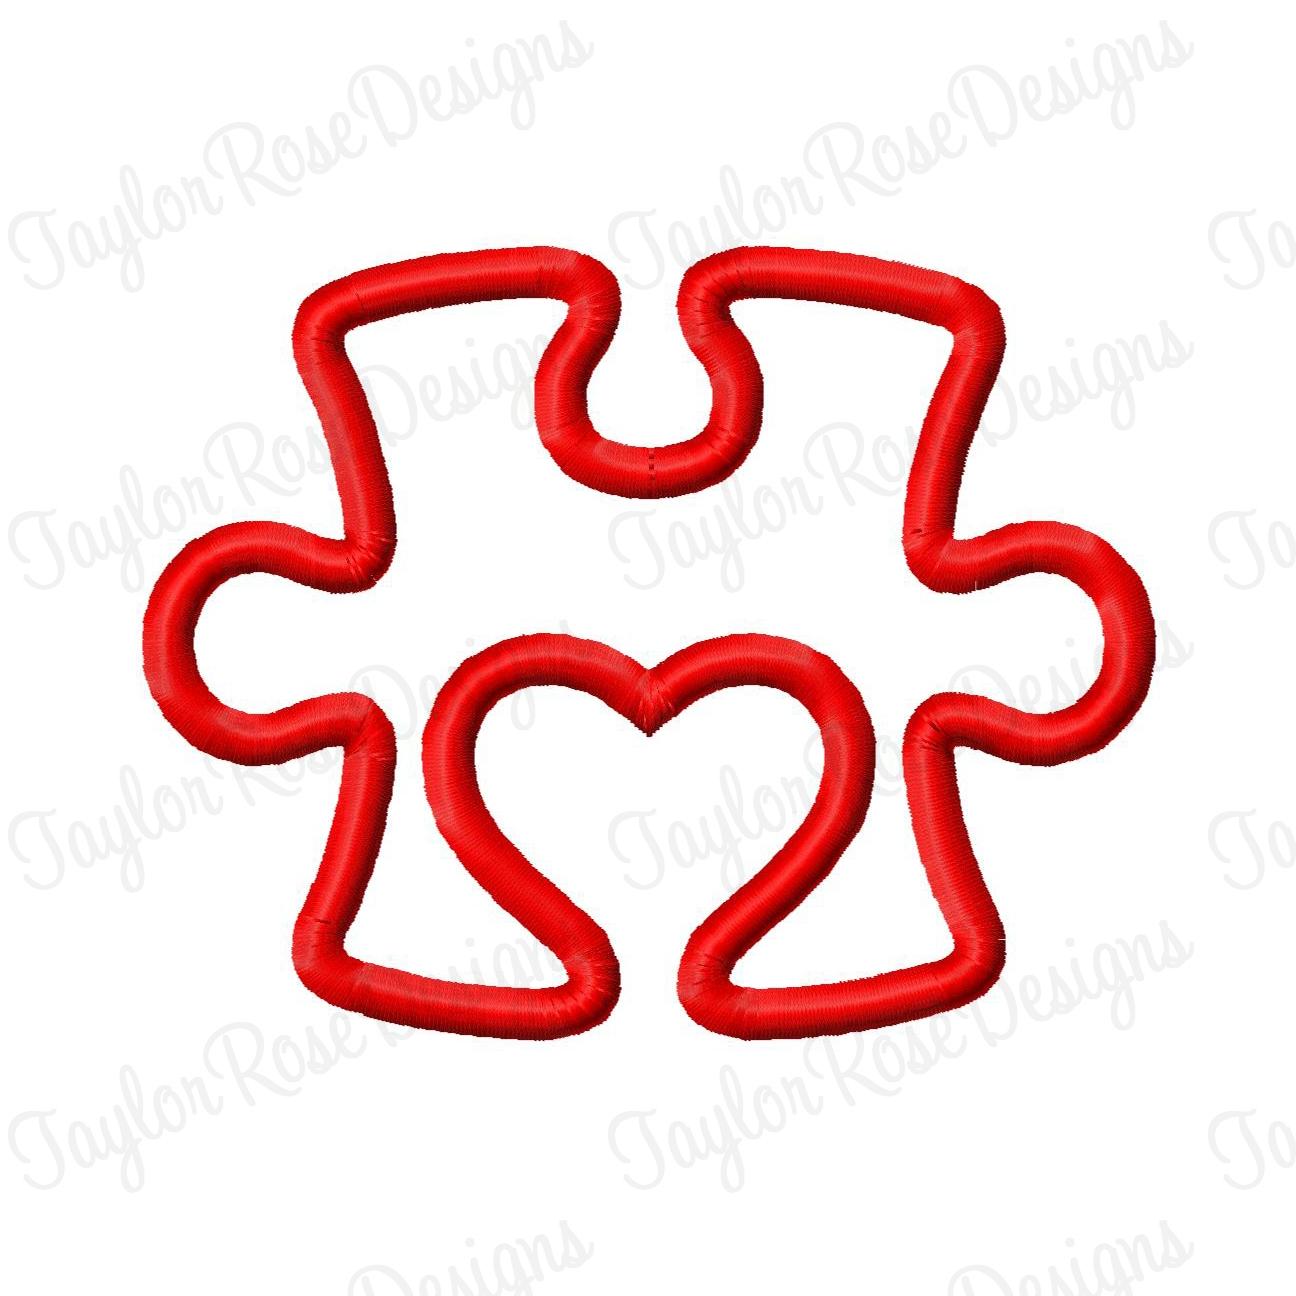 Puzzle Piece Heart Applique.